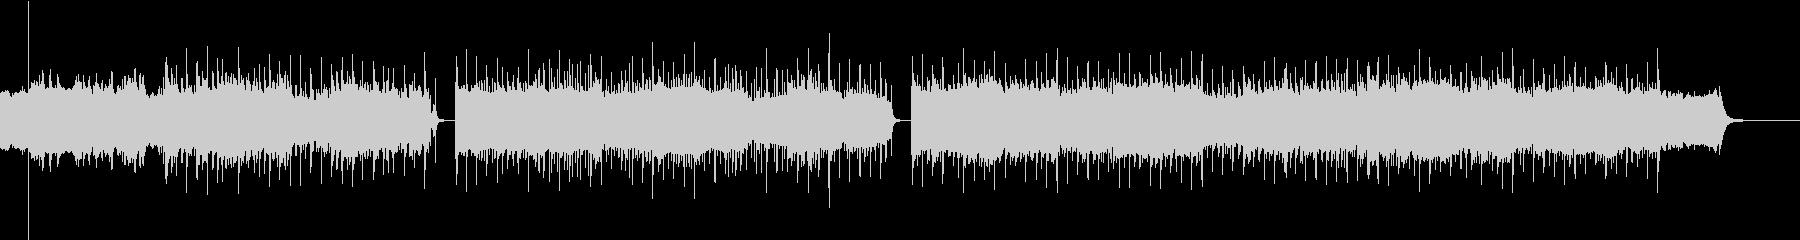 メロー、メロディック、グルーヴィーの未再生の波形